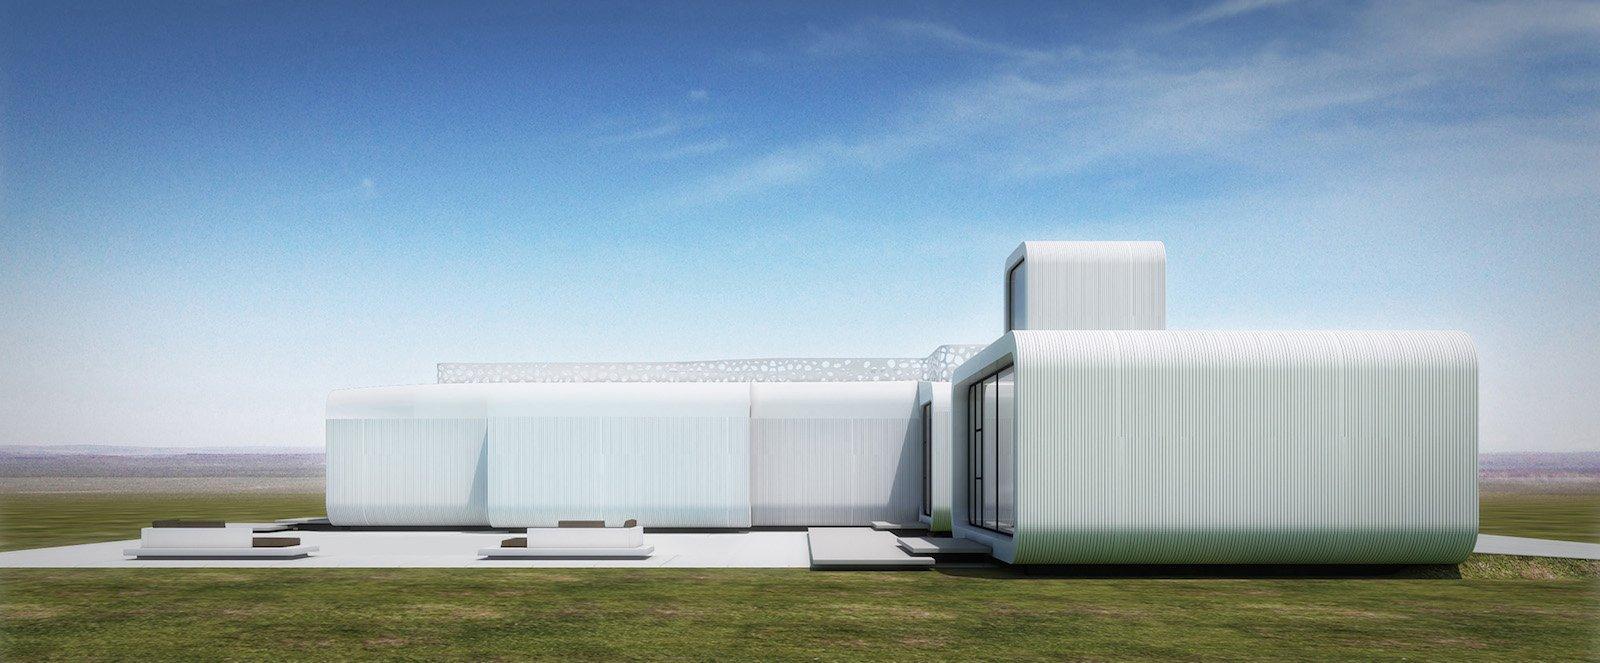 Das Projekt in Dubai versinnbildlicht den Anfang eines bedeutsamen Wandels im Bereich Bauwesen und Design: den Übergang zu 3D-Druck und digitalen Produktionsprozessen. Nachdem dreidimensionale Druckverfahren jahrelang im Labor erprobt wurden nähern sie sich nun rasant der Marktreife.